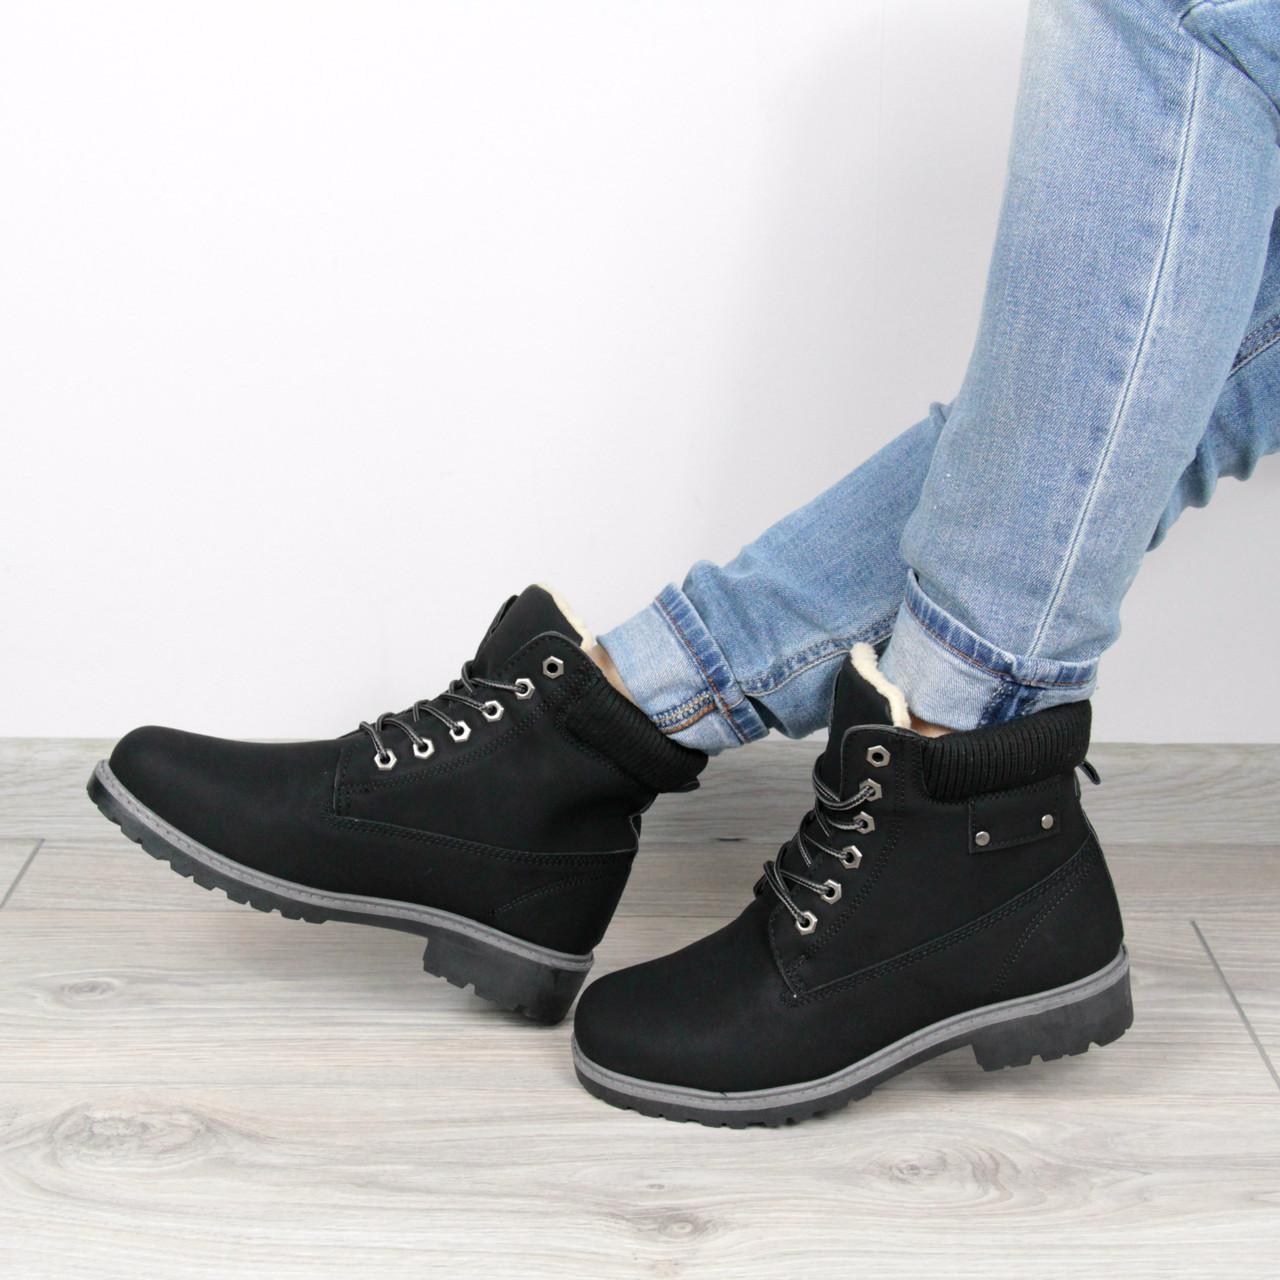 обувь тимберленд фото женская